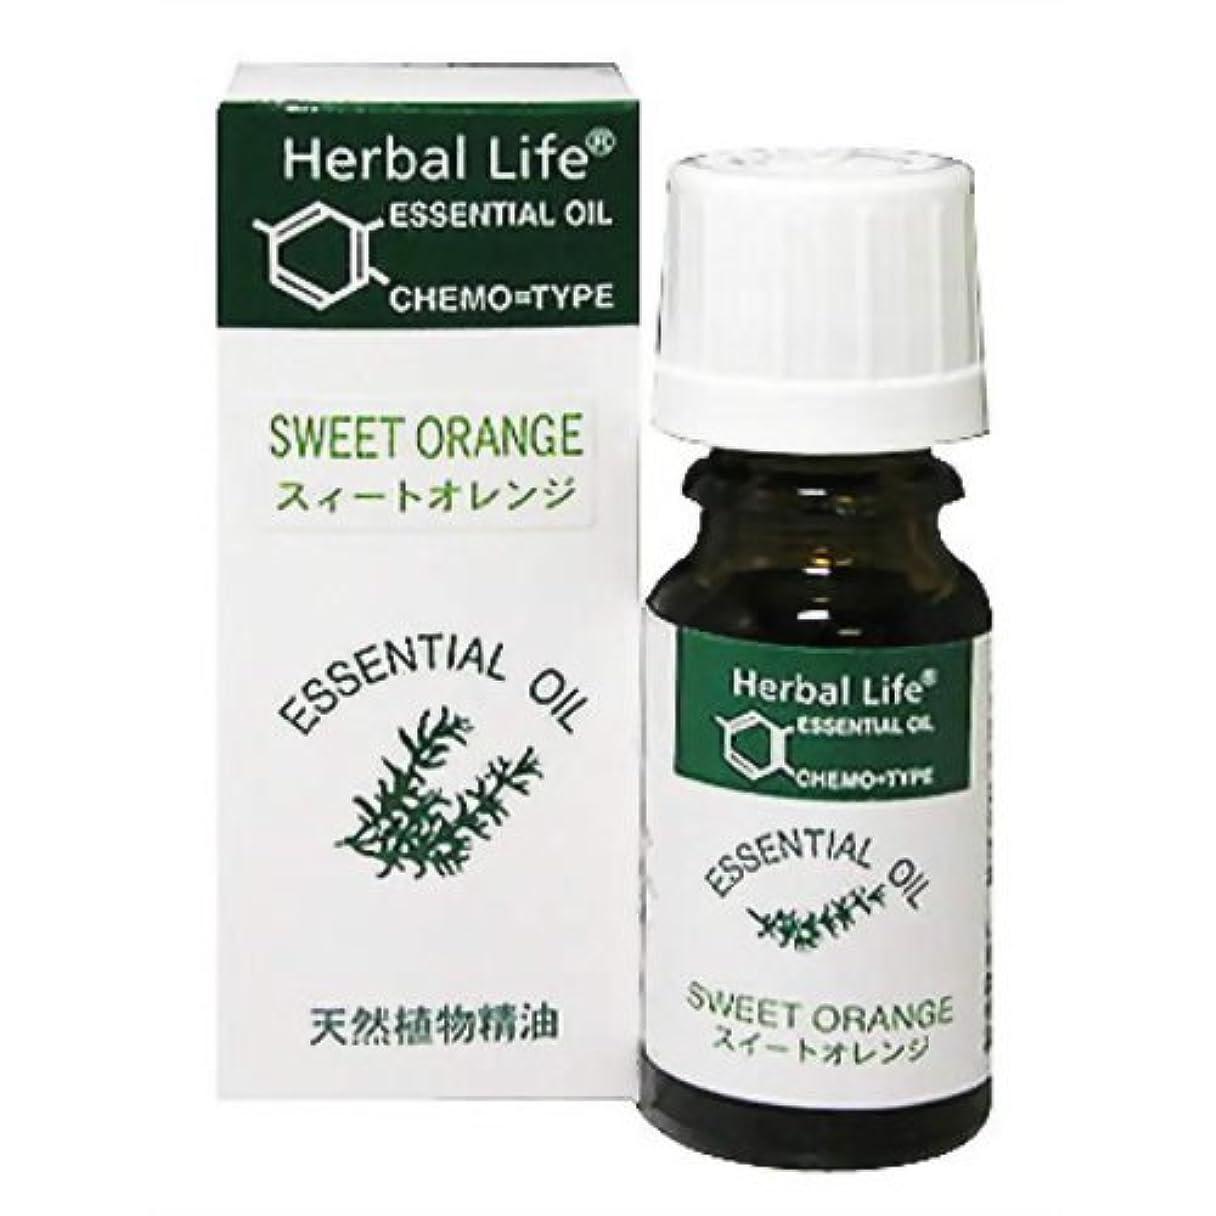 ソビエトケイ素津波生活の木 Herbal Life スィートオレンジ 10ml